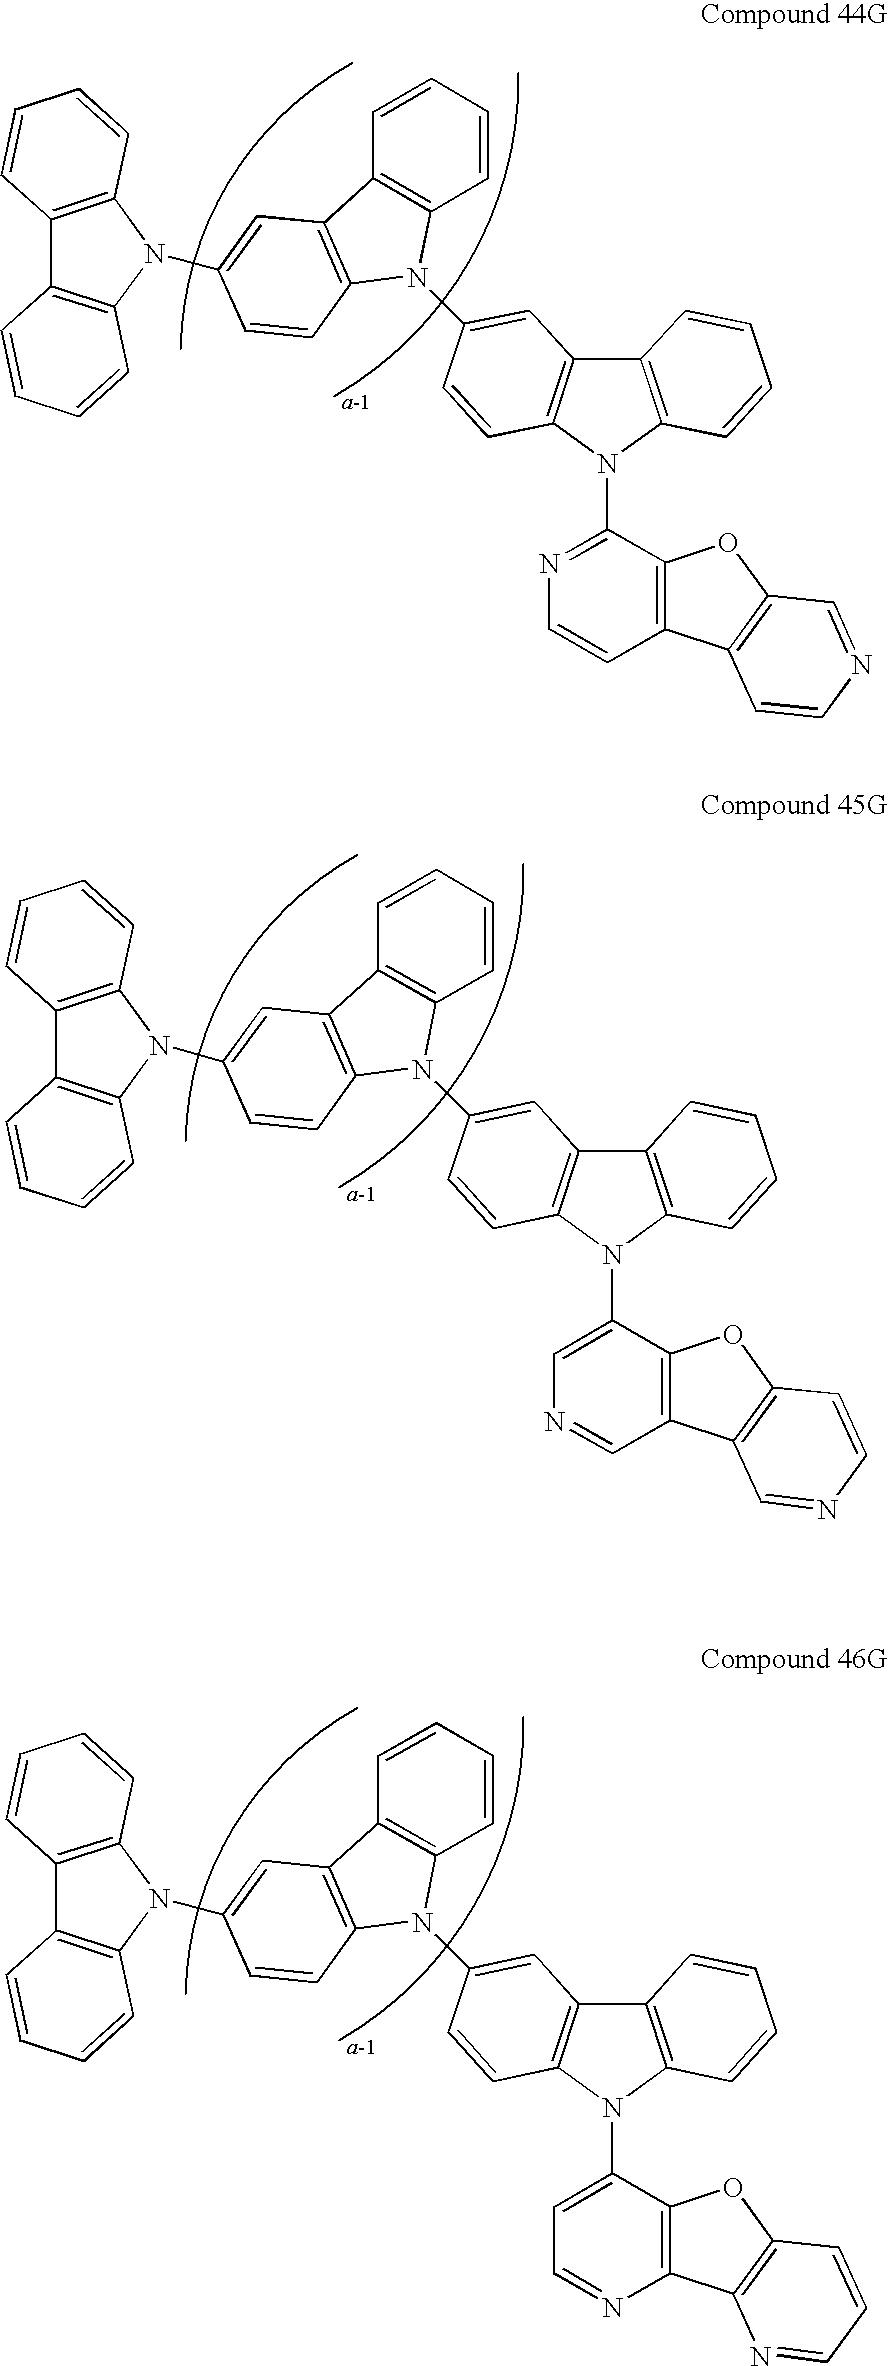 Figure US20090134784A1-20090528-C00191